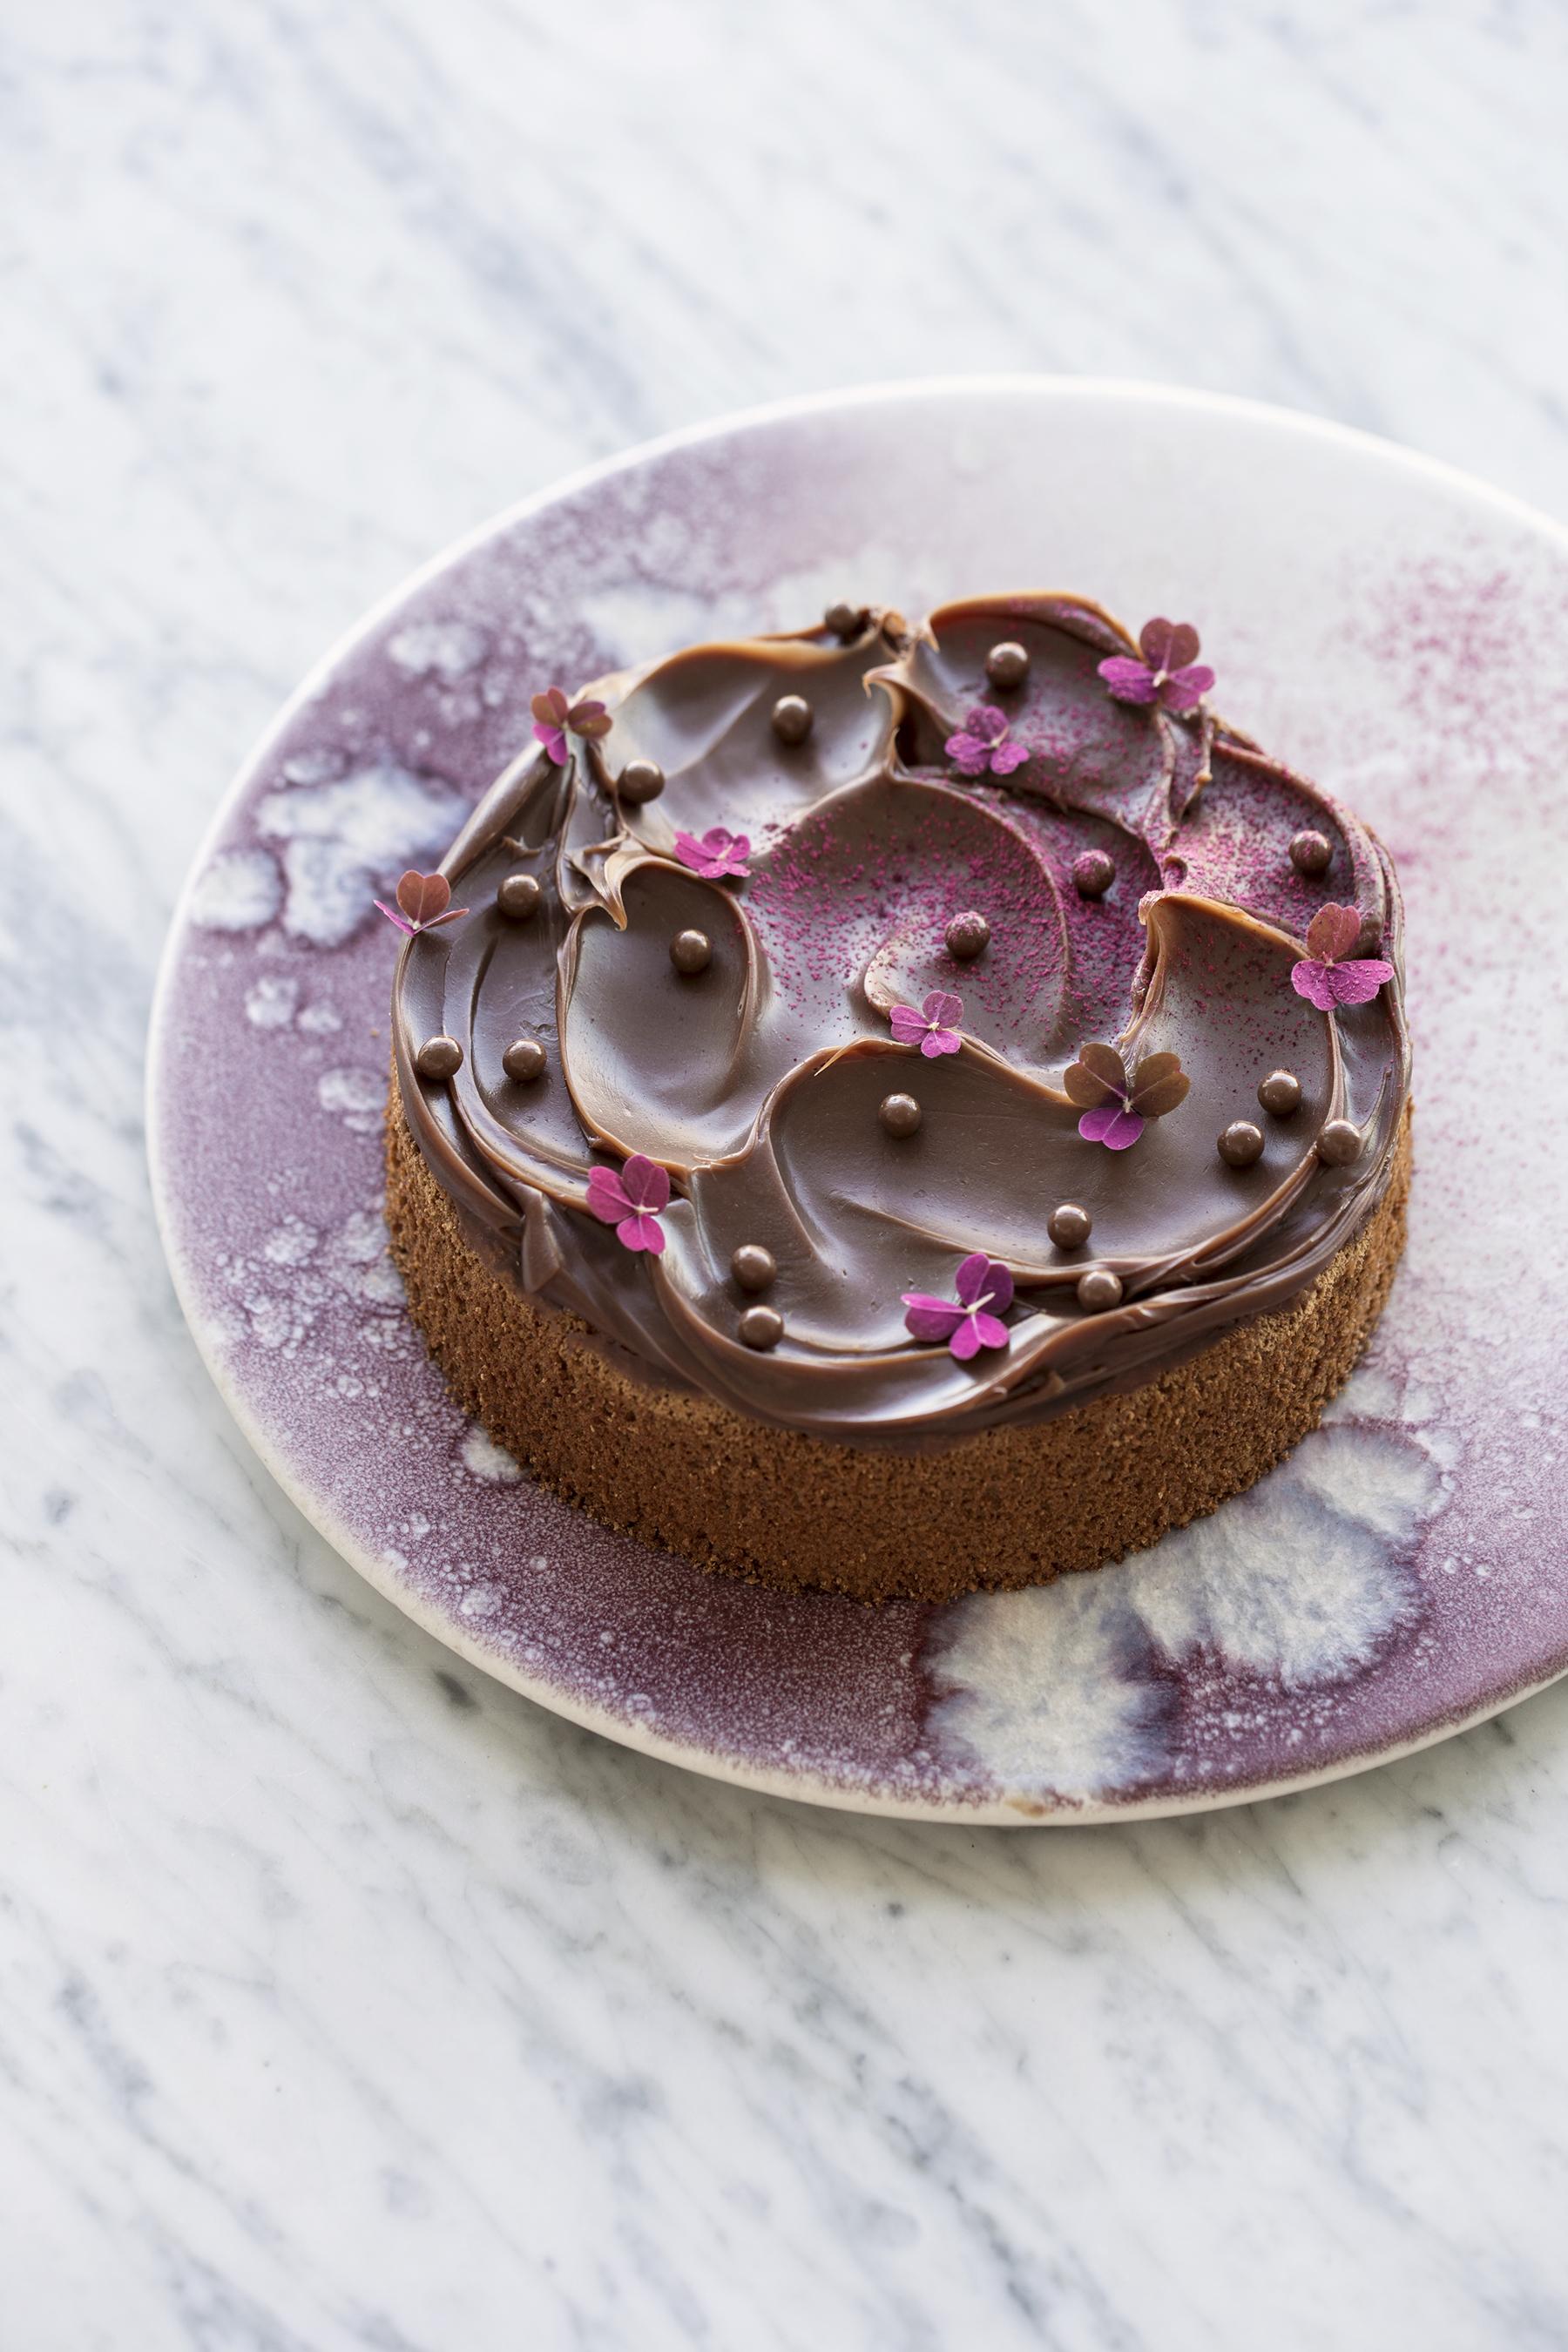 hasselnøddekage med kanel og mælkechokolade